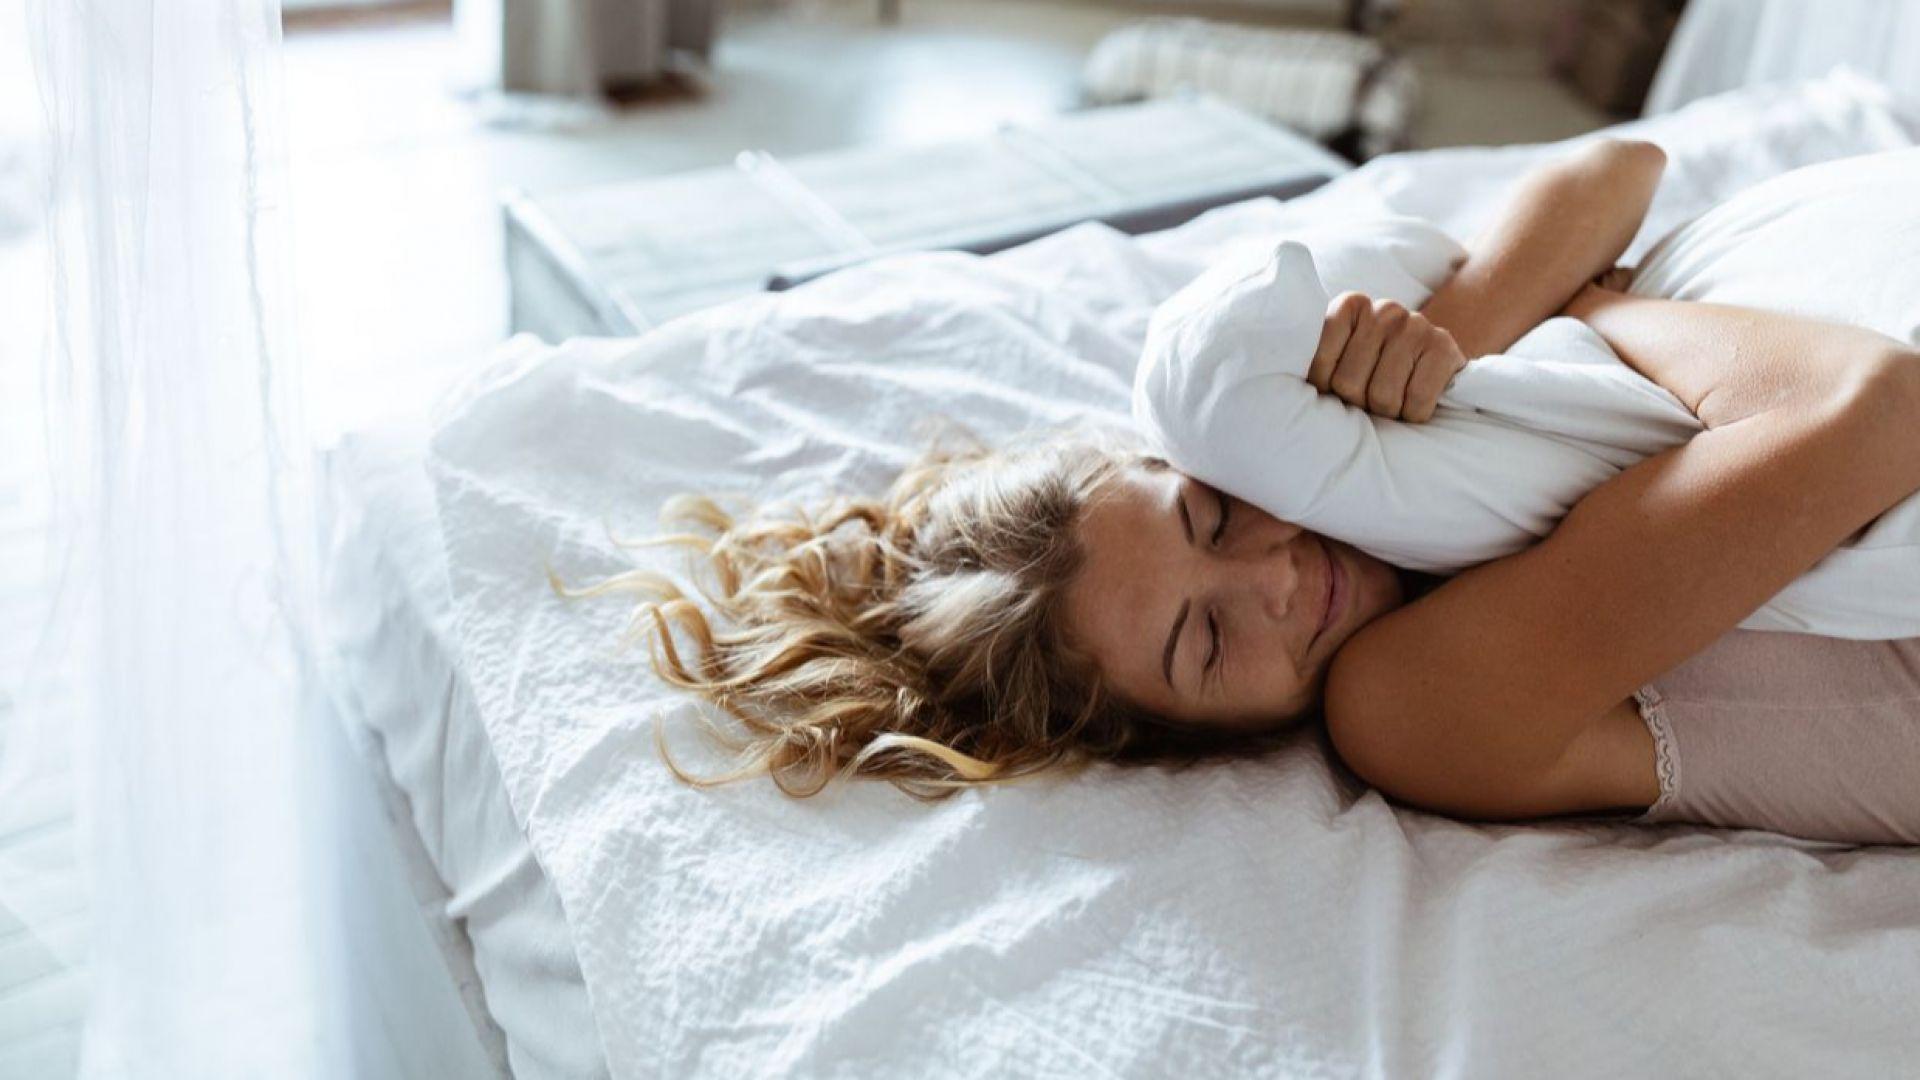 Продължителността на съня се диктува от нашата ДНК